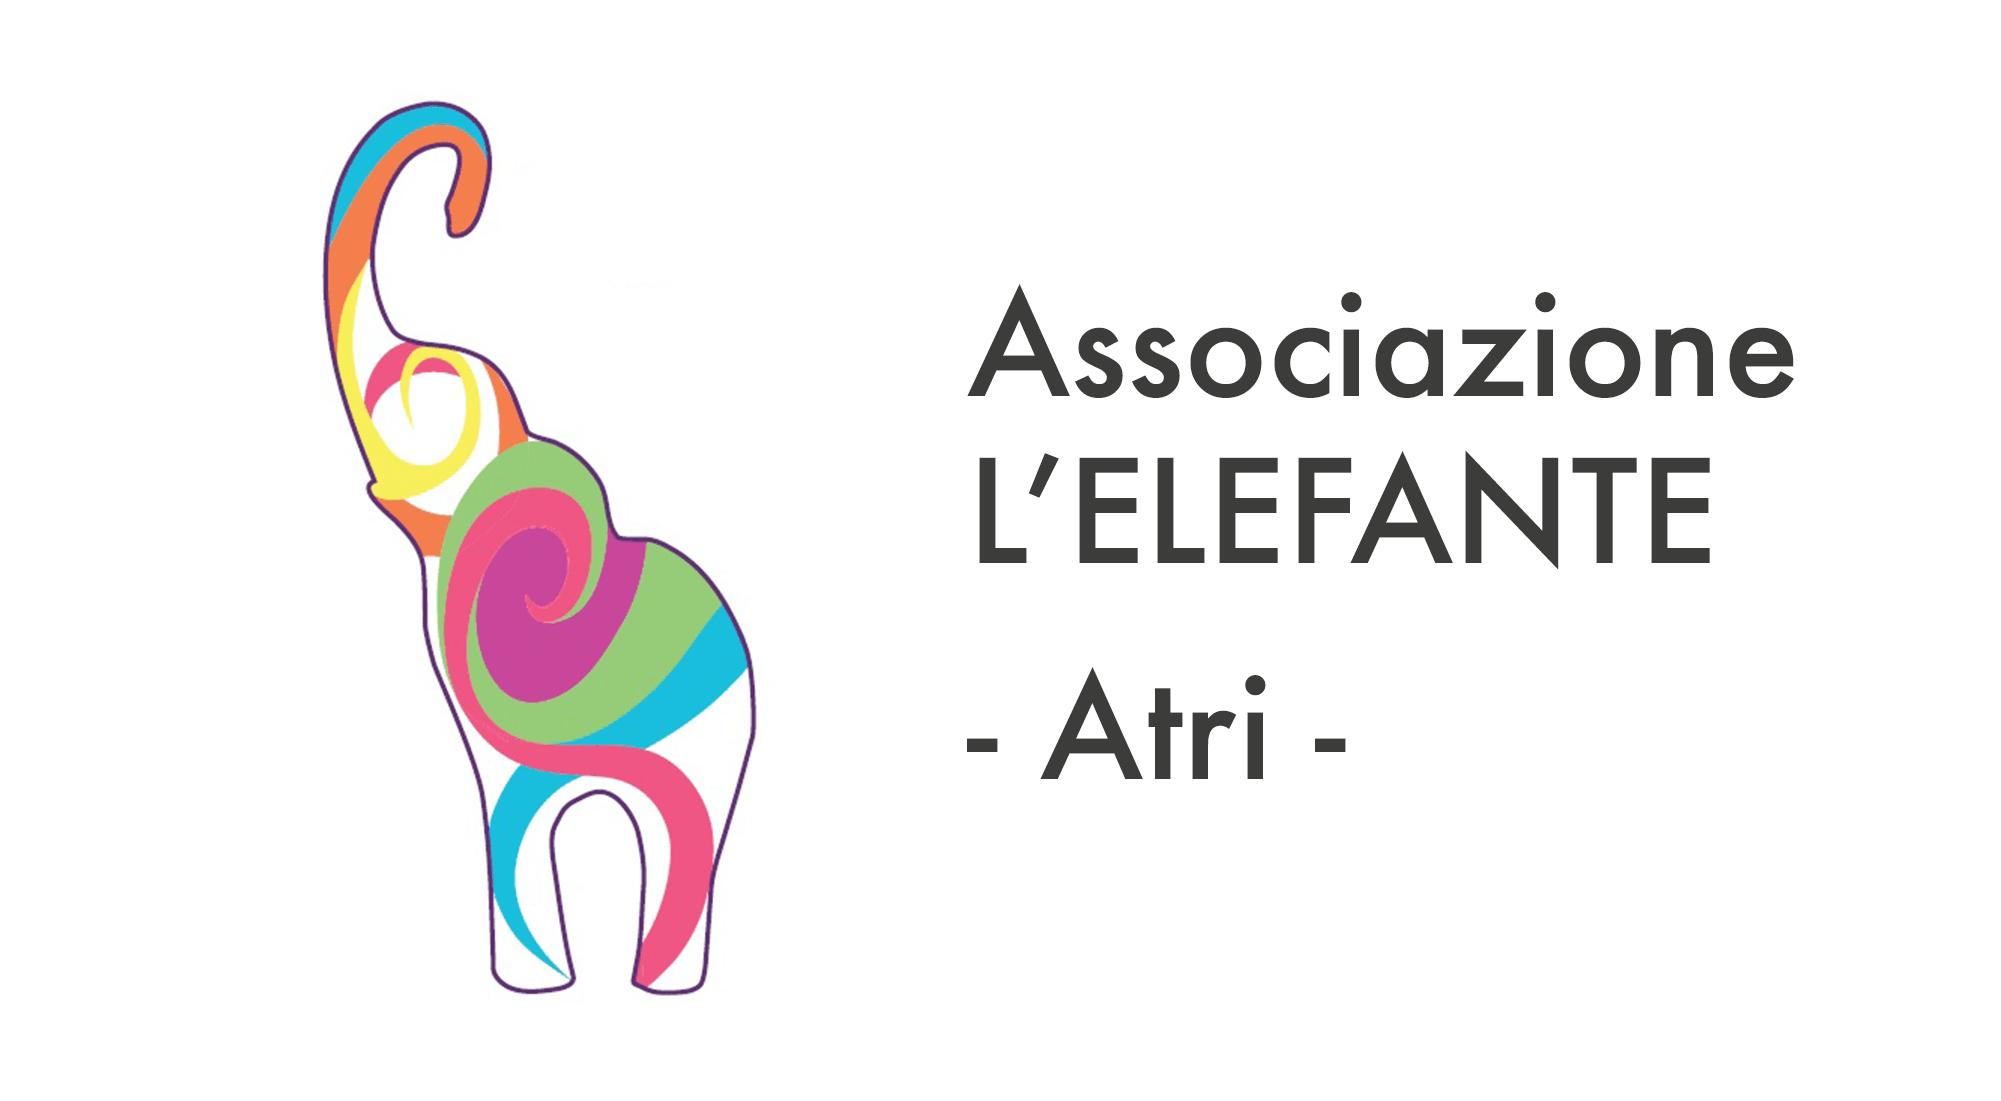 Associazione L'elefante - Atri